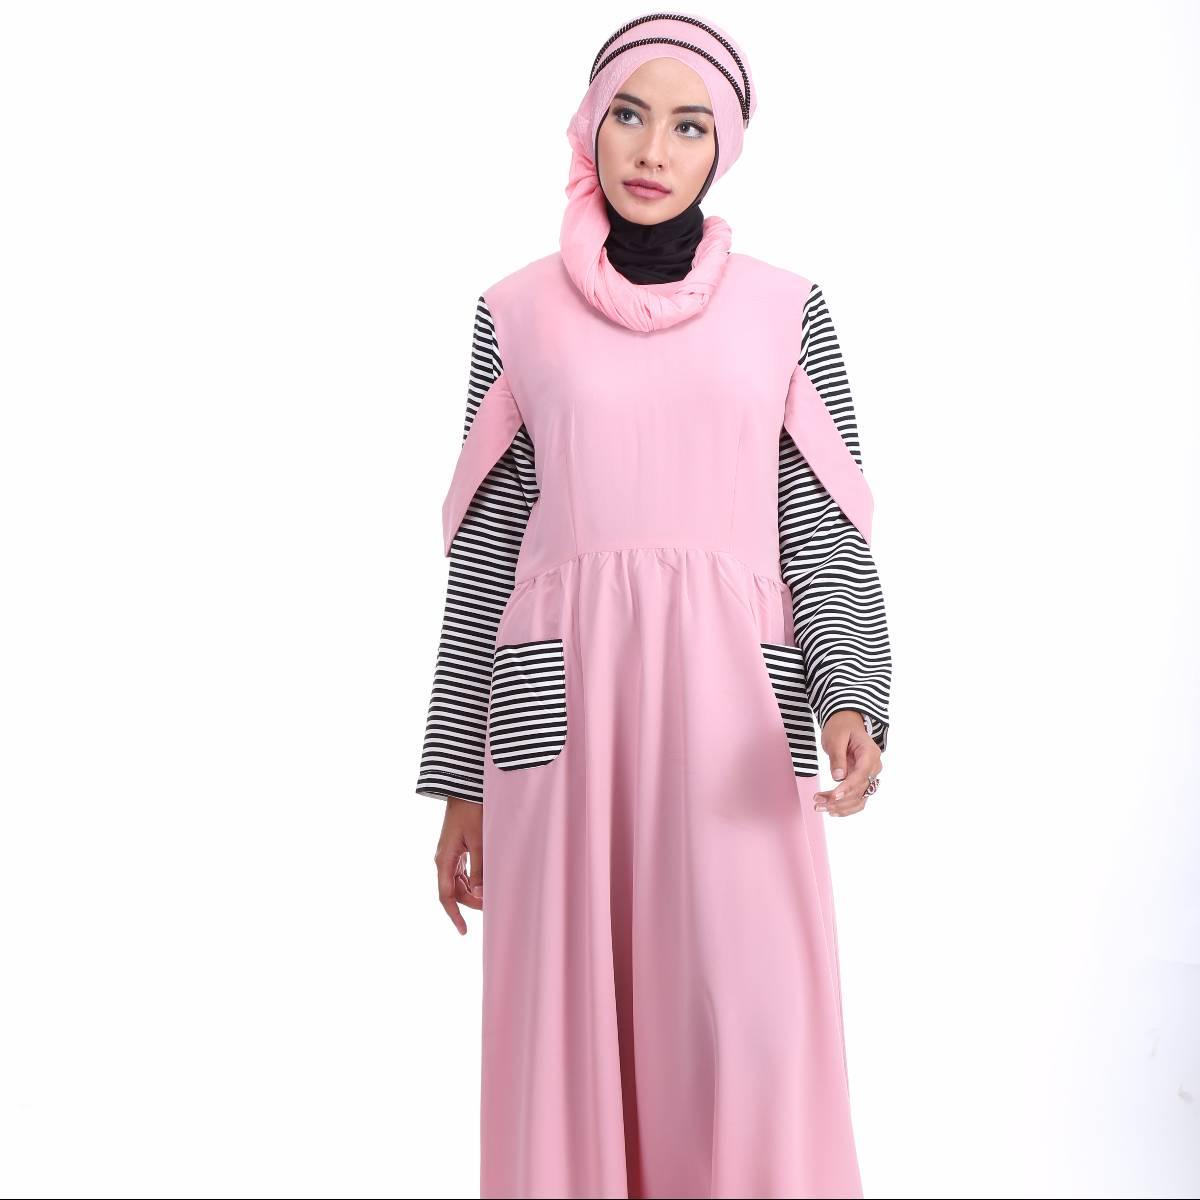 Busana Muslim Tys 364